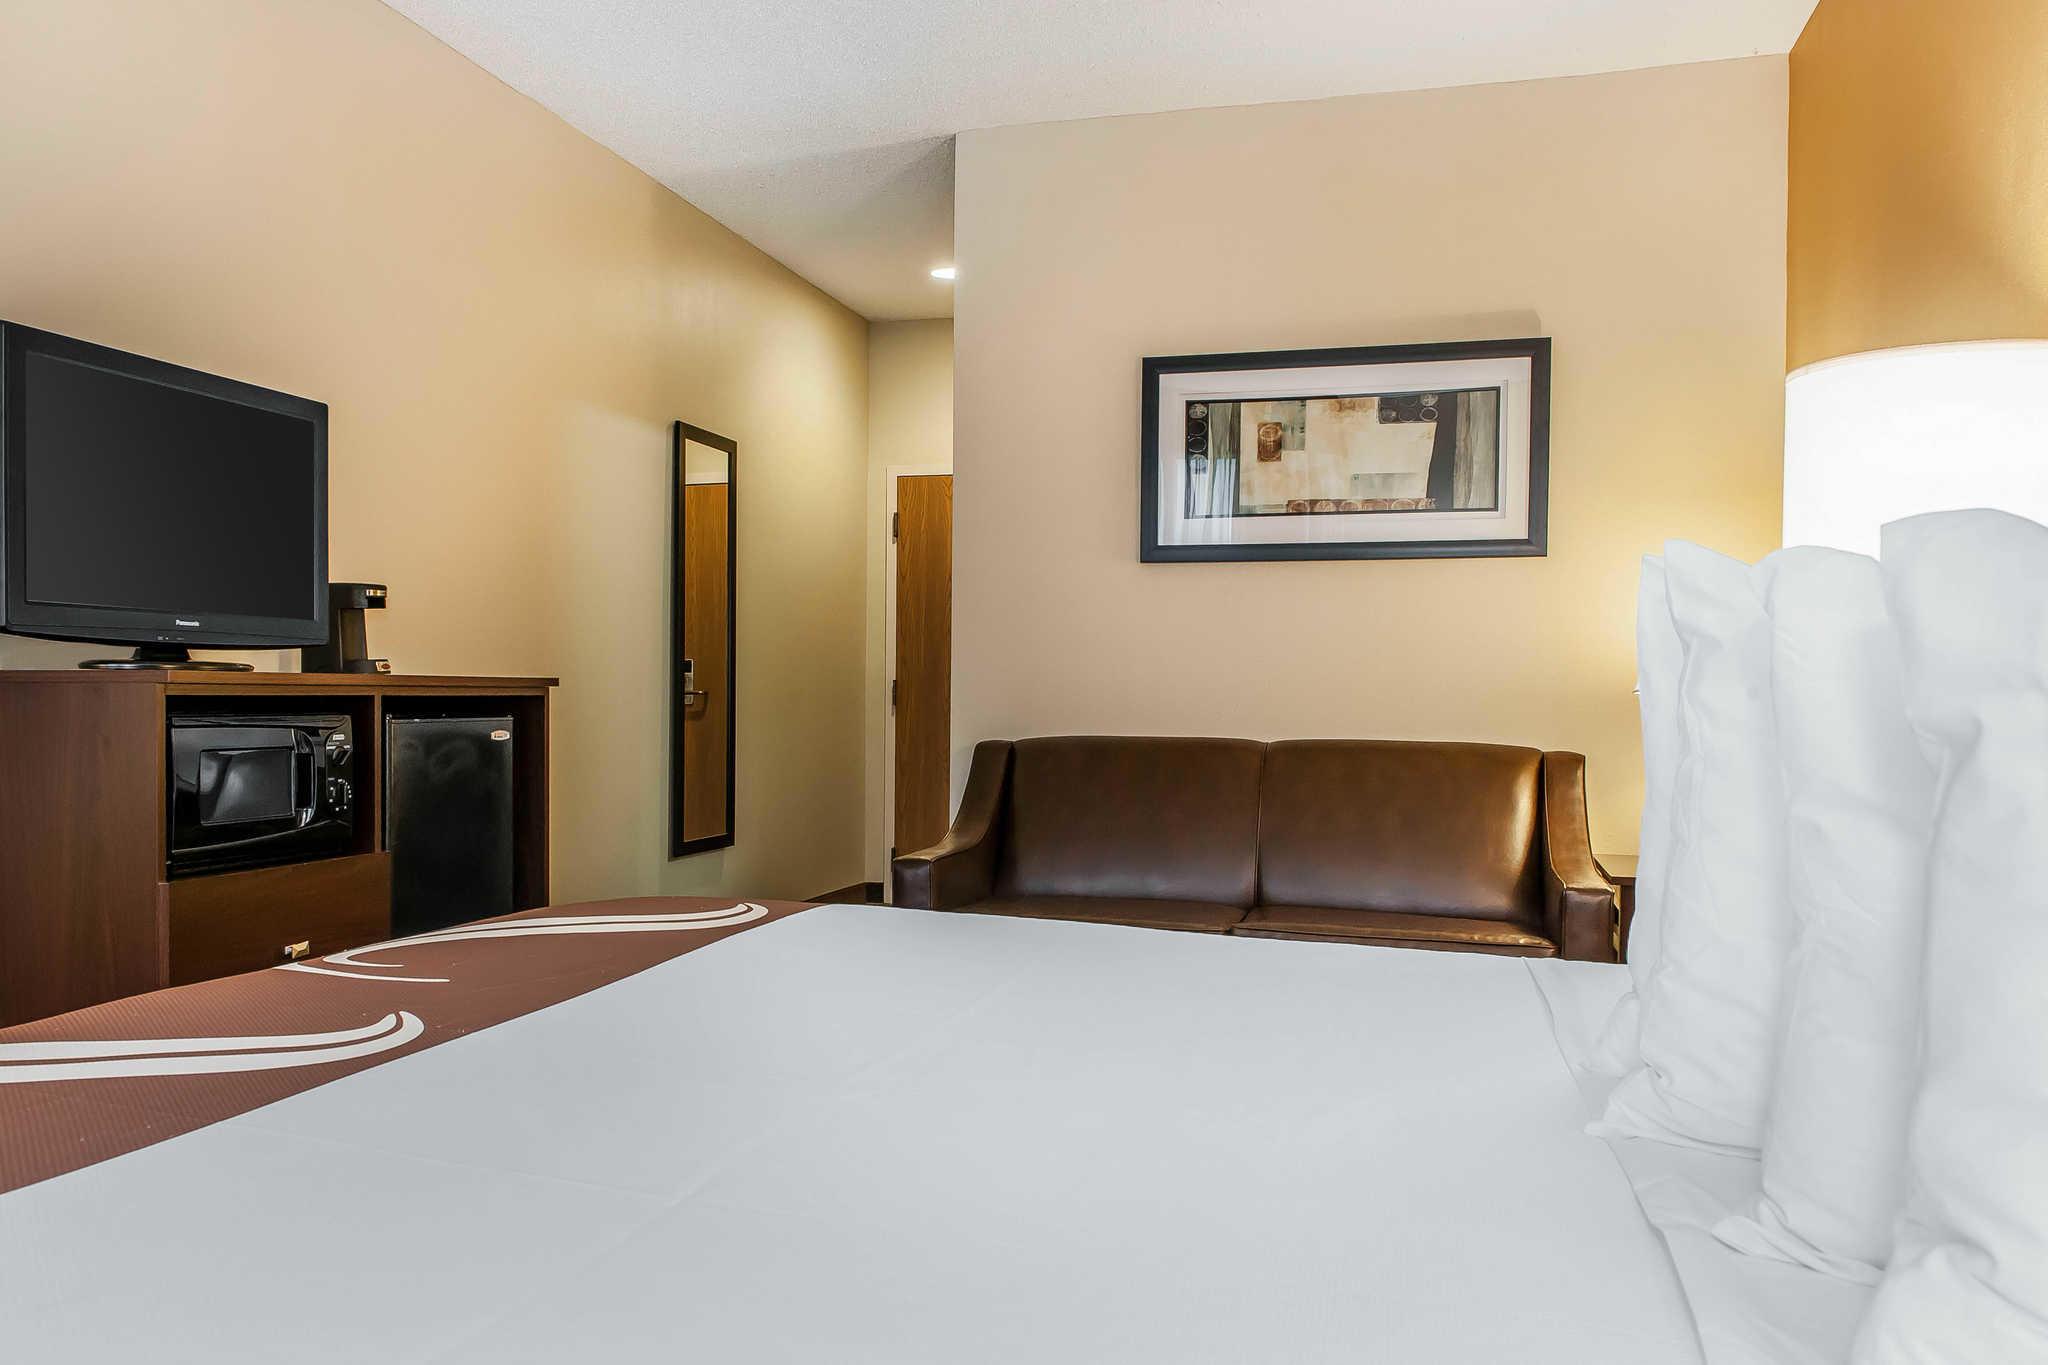 Quality Inn Chester I-75 image 7